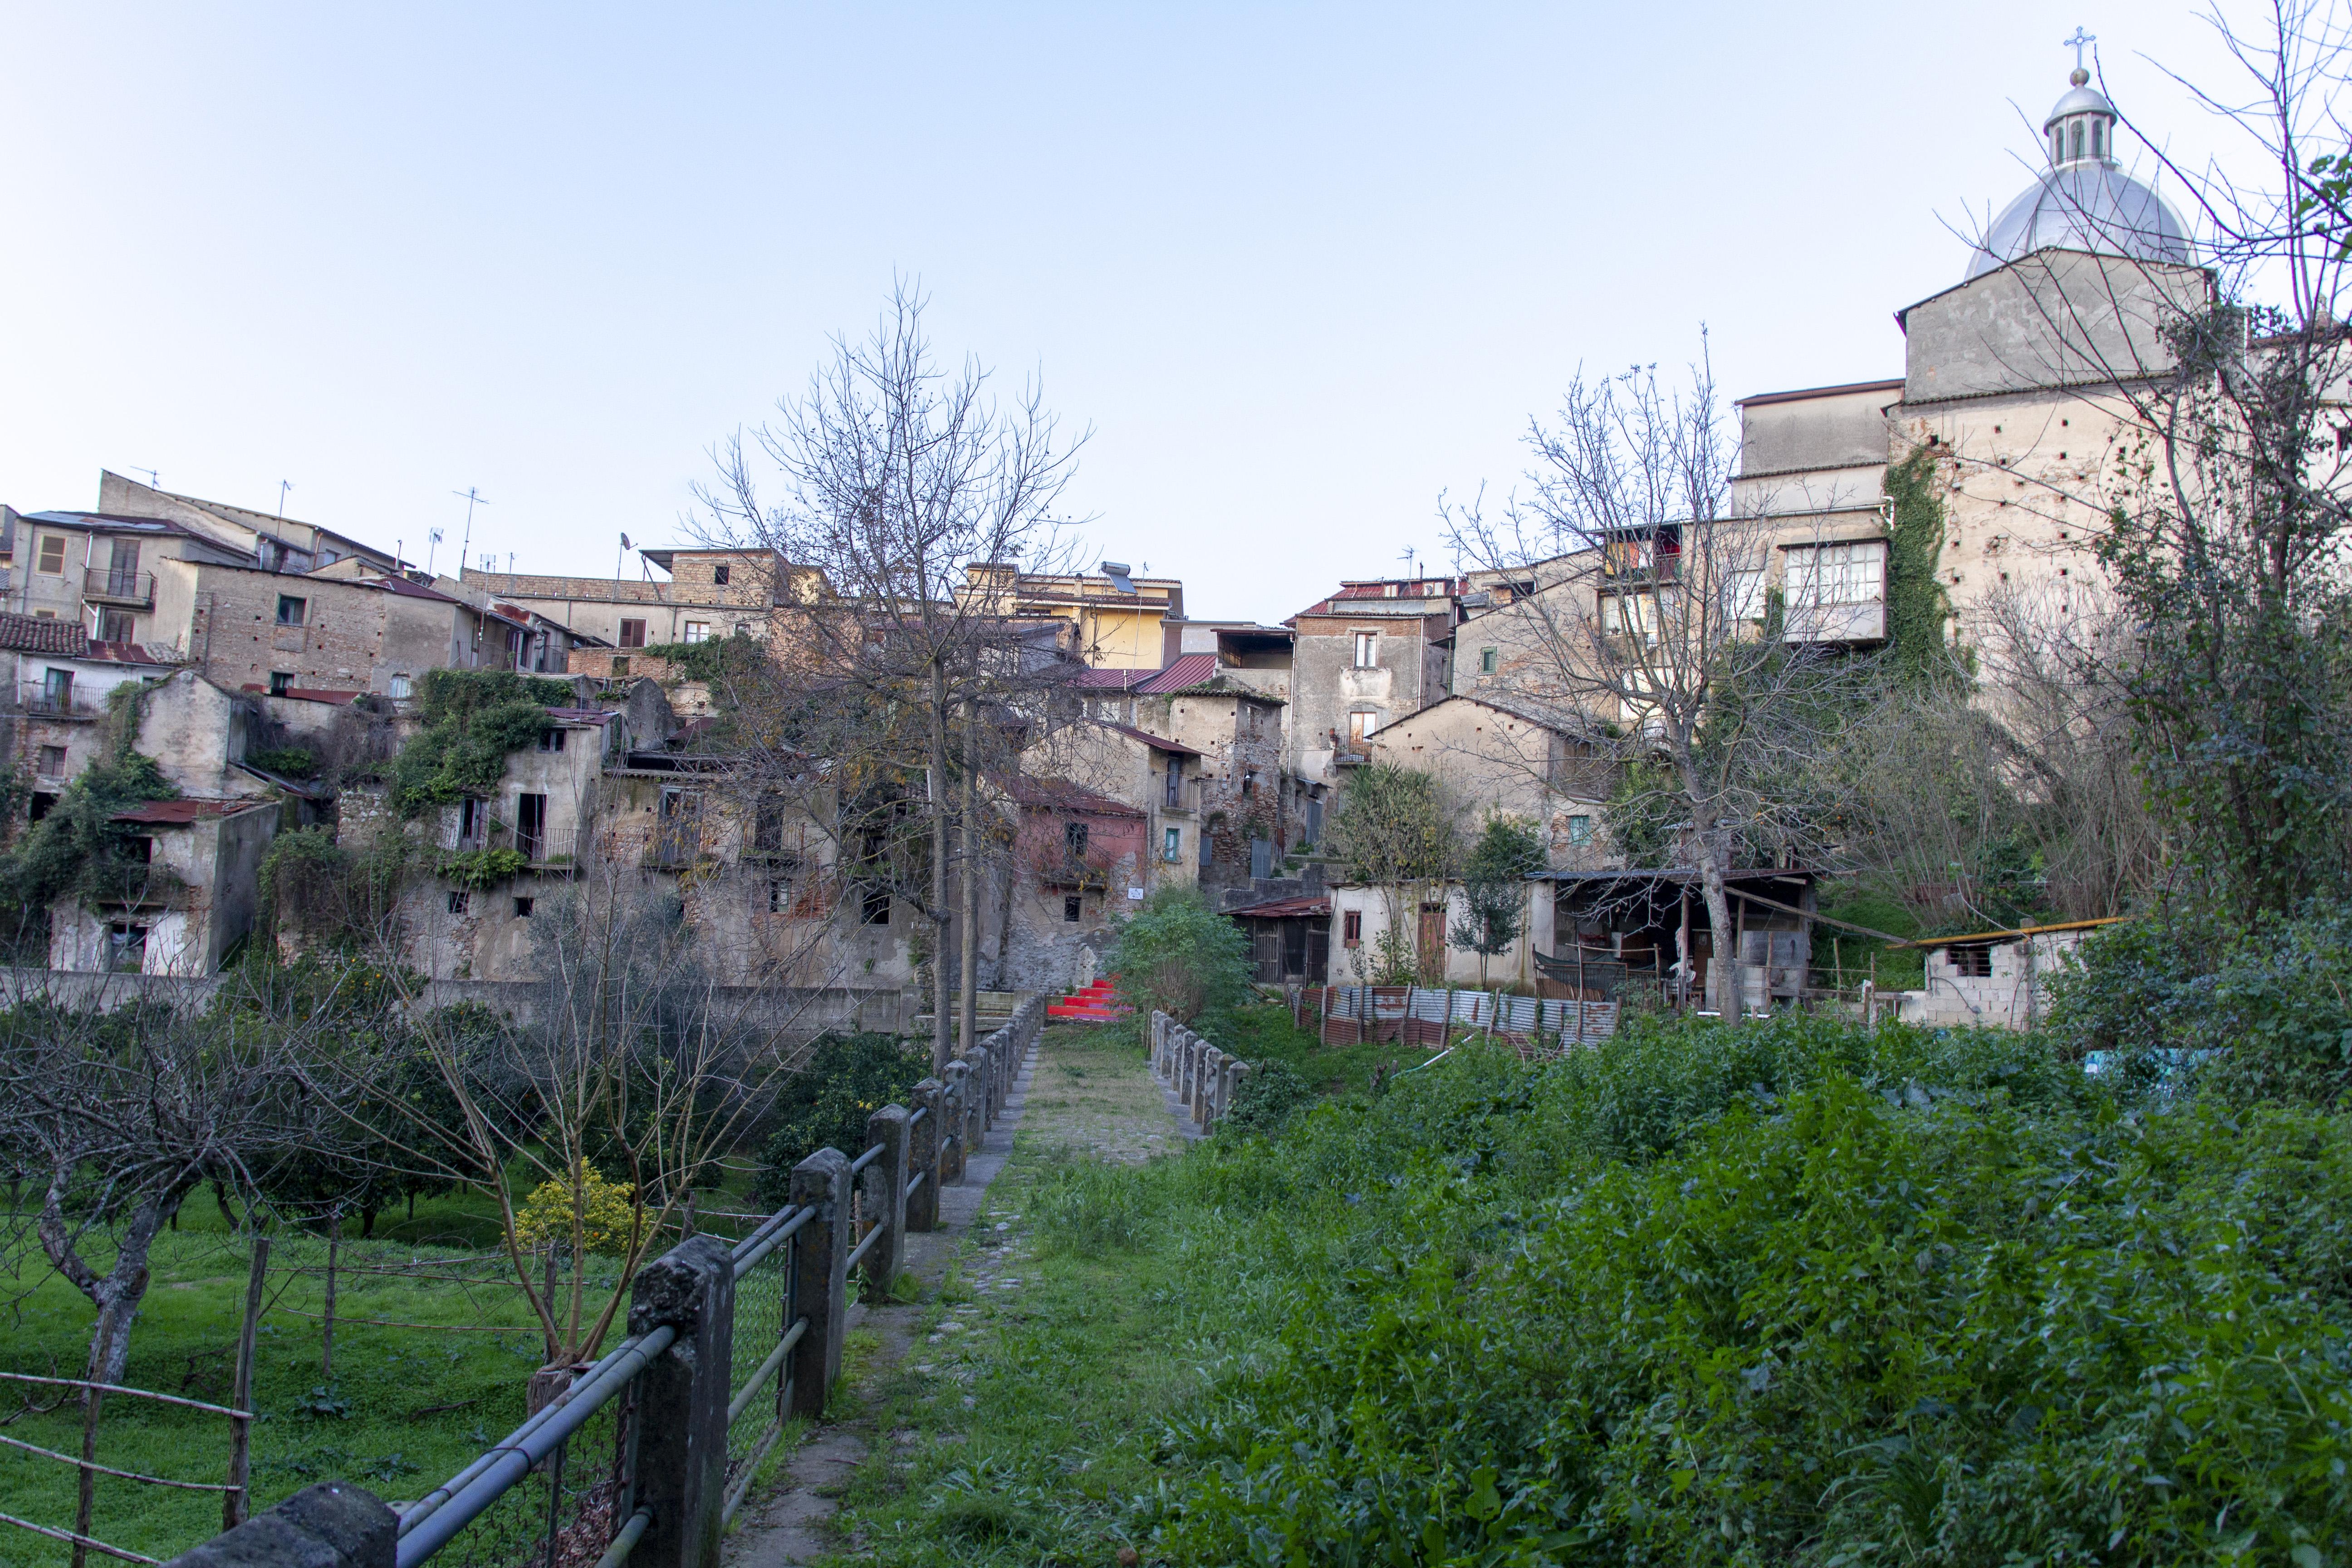 Comune di Cinquefrondi - Antica via di accesso al paese / Fotografie di Tullio Pronestì